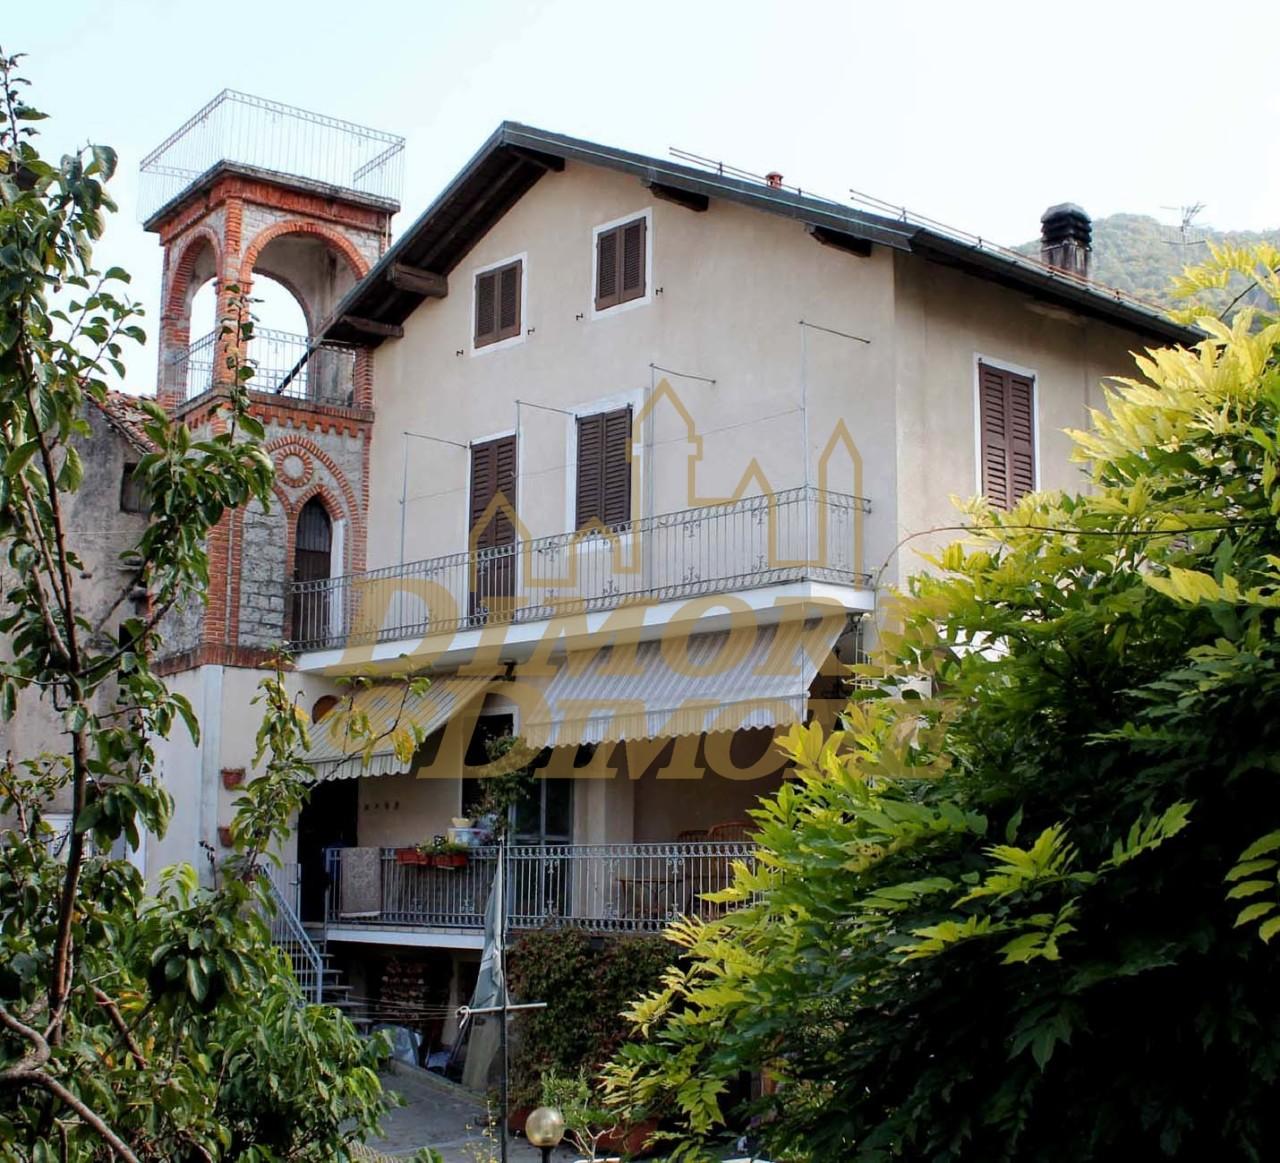 Appartamento in vendita a Orino, 4 locali, prezzo € 110.000 | CambioCasa.it